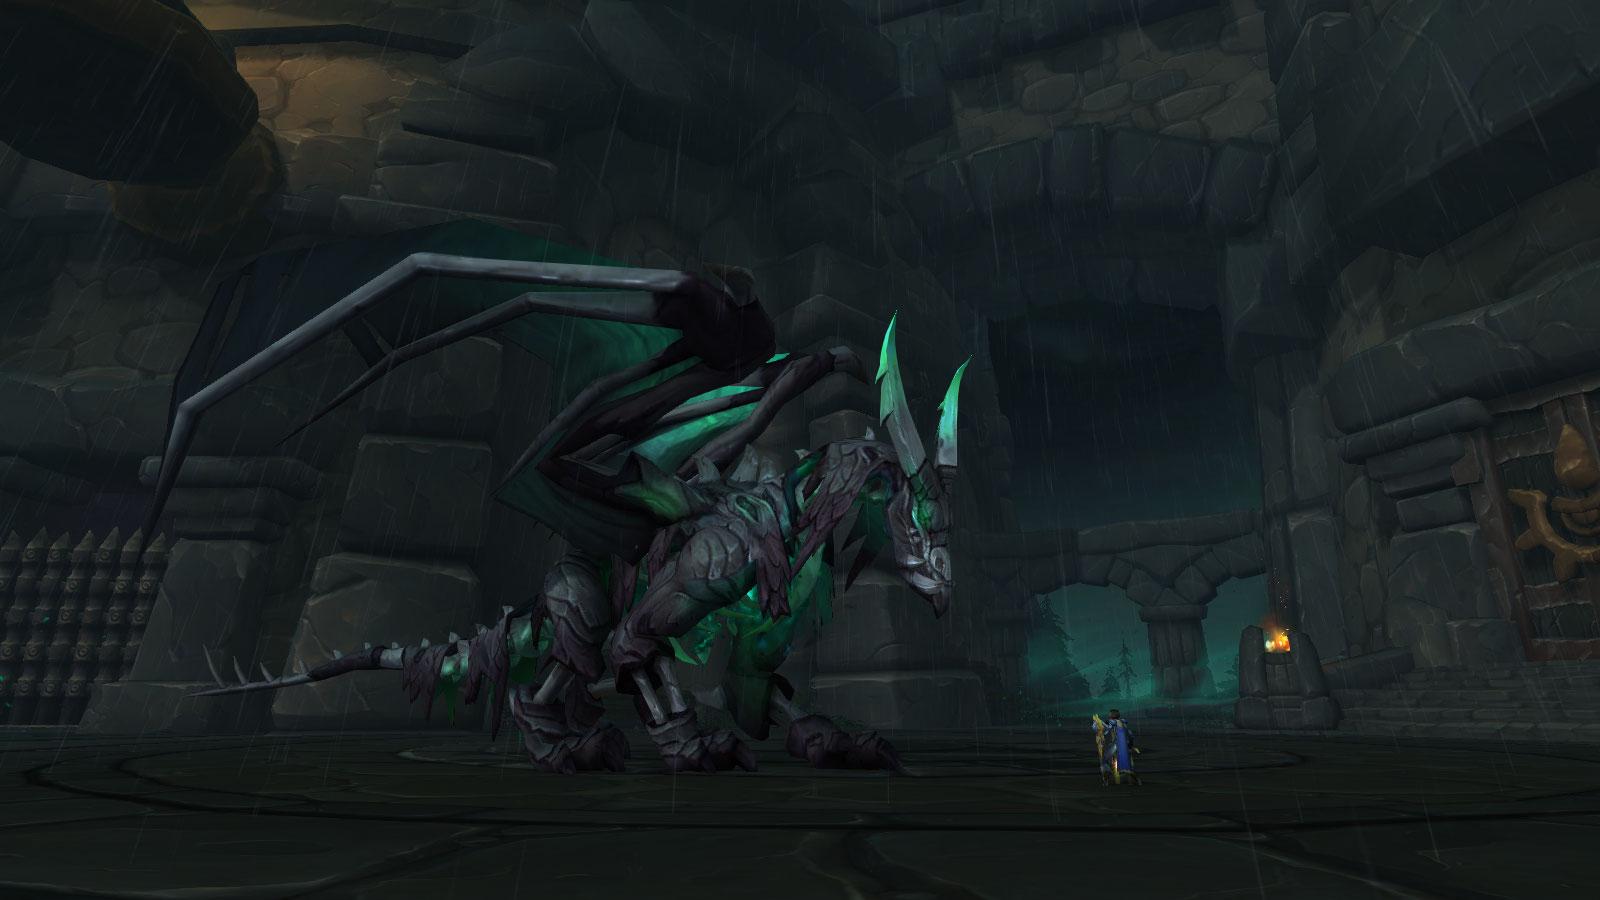 Le puissant dragon Ravnyr a été ressuscité